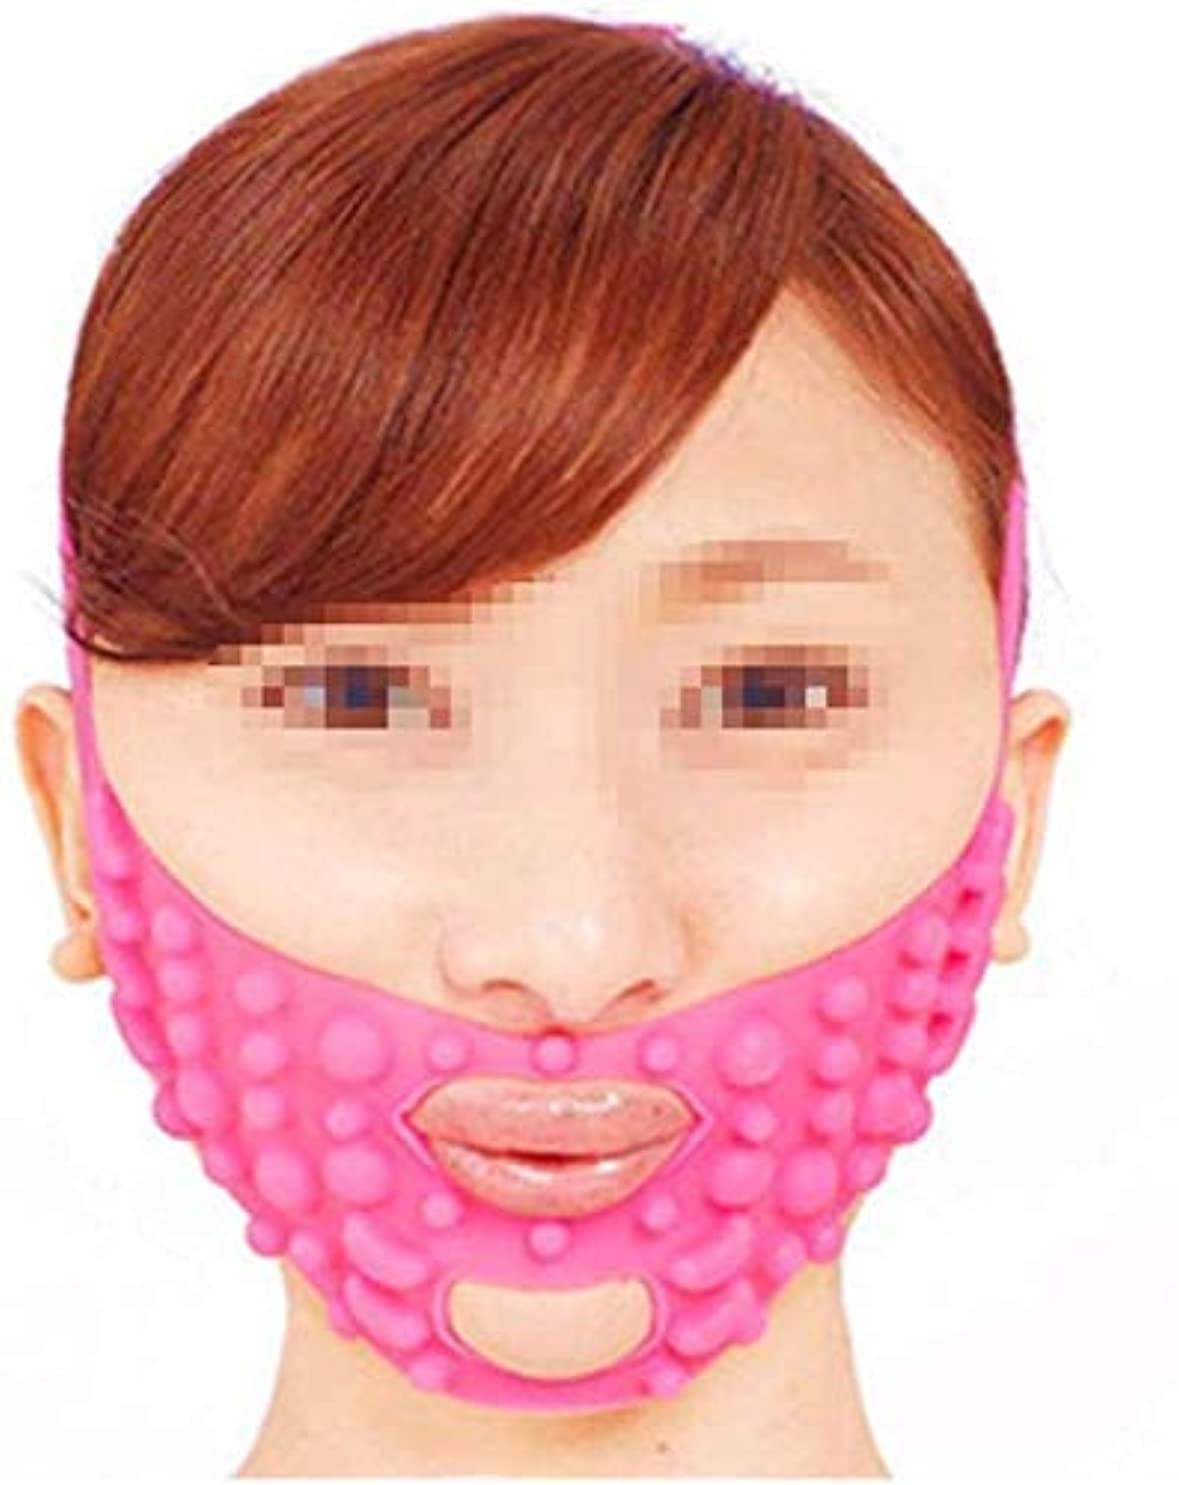 前提条件抵抗する着る美しさと実用的なシリコンマッサージフェイスマスク、タイトな形の小さなVフェイスリフトを布告パターンのフェイスリフト包帯ピンク